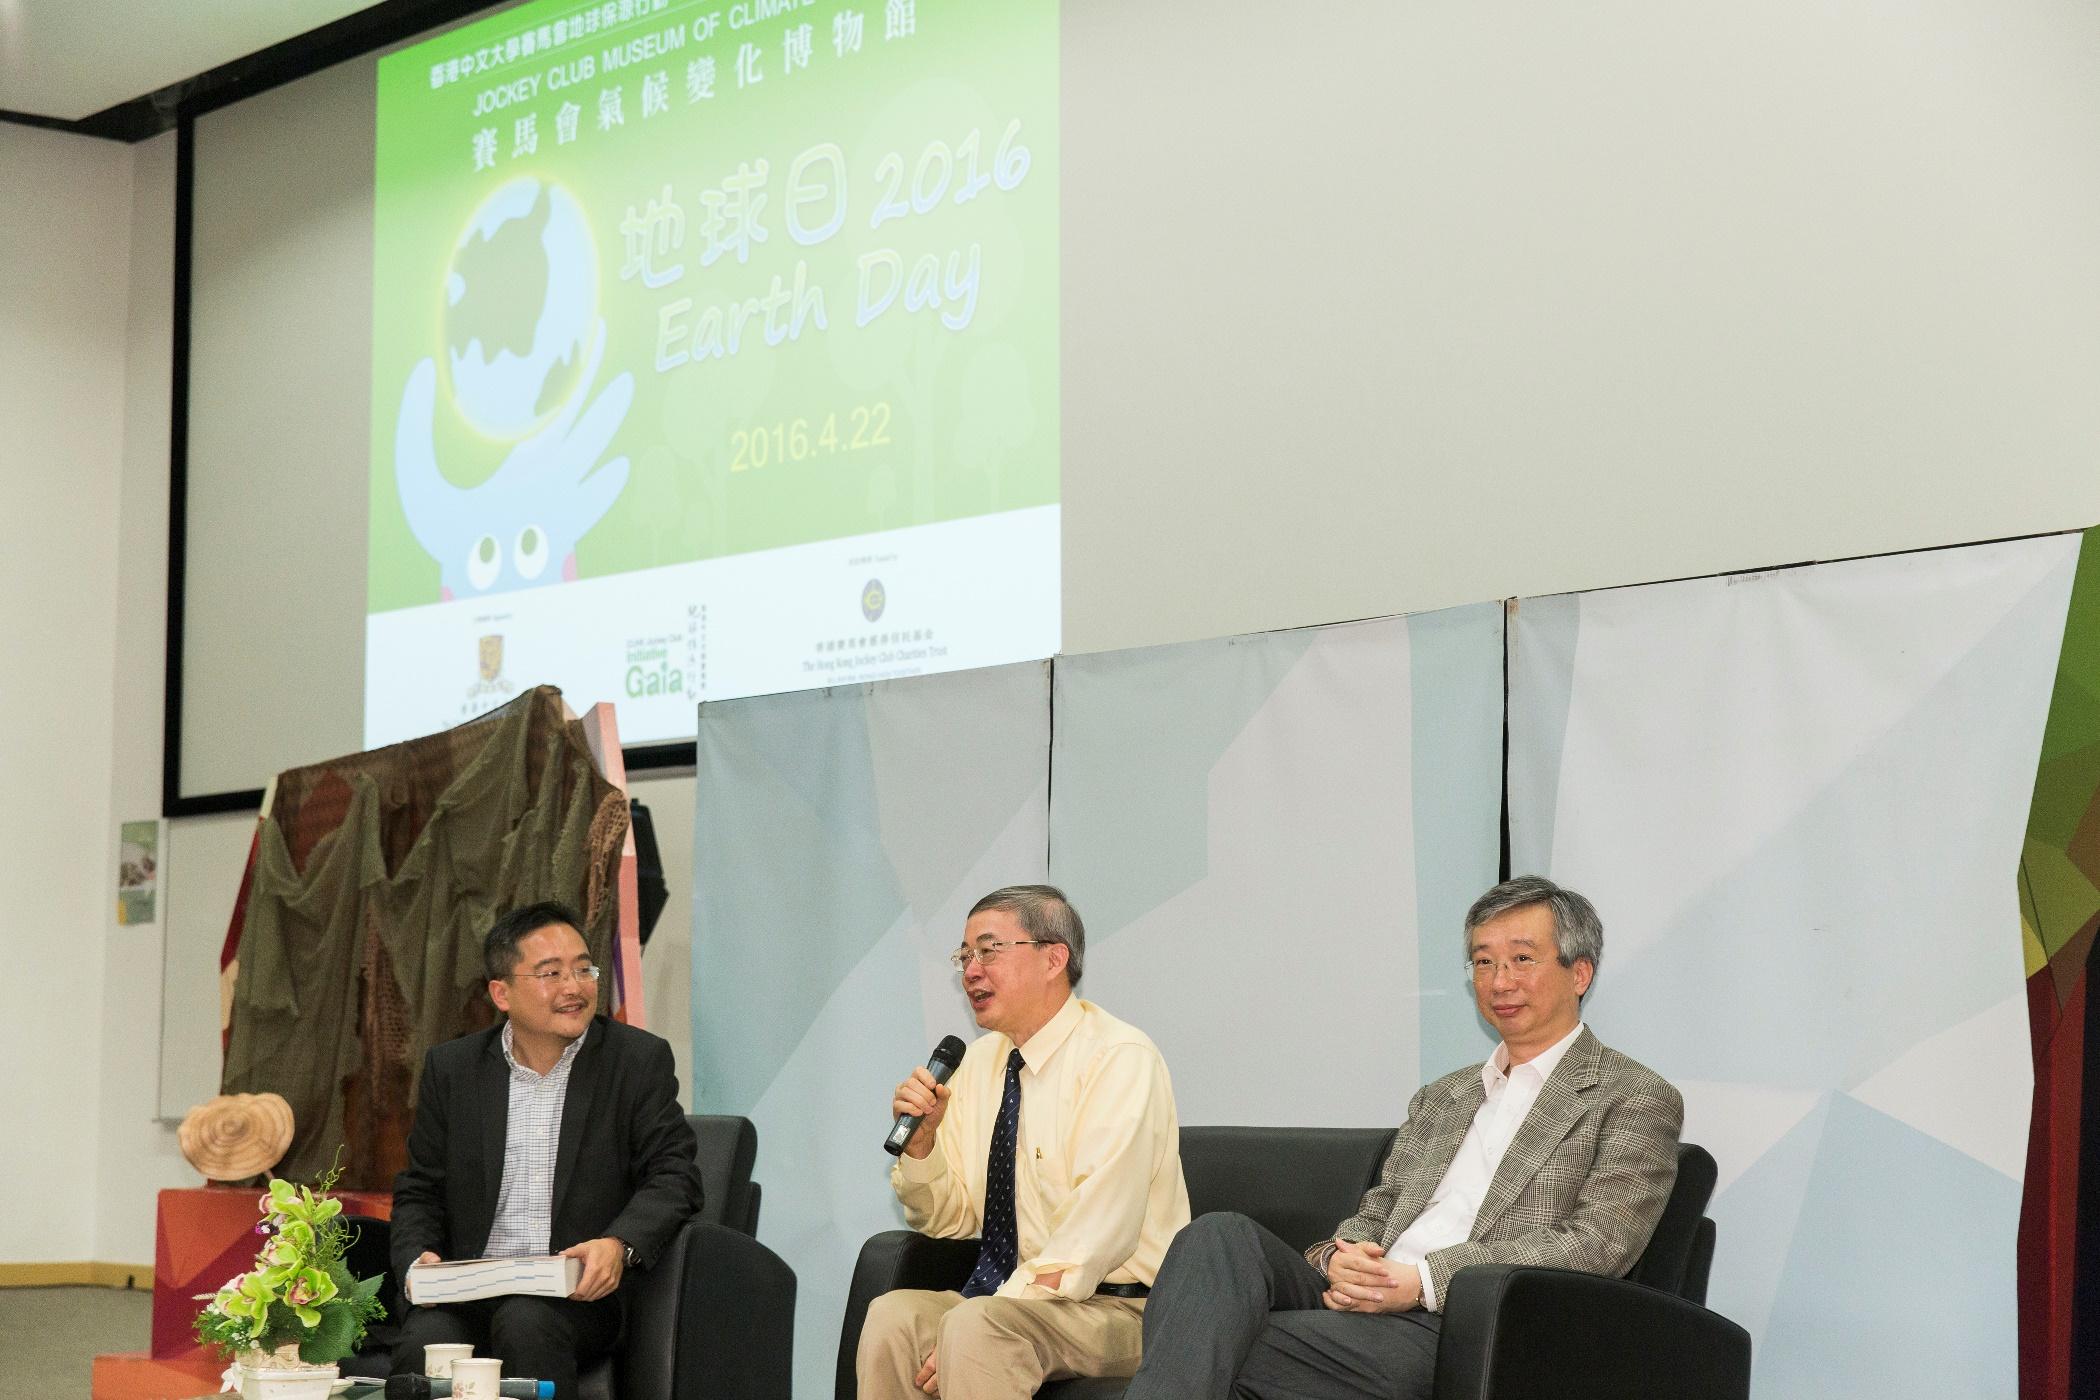 (右起)中大协理副校长冯通教授、环境、能源及可持续发展研究所所长刘雅章教授,以及地球保源行动顾问彭奕彰博士与学生交流。